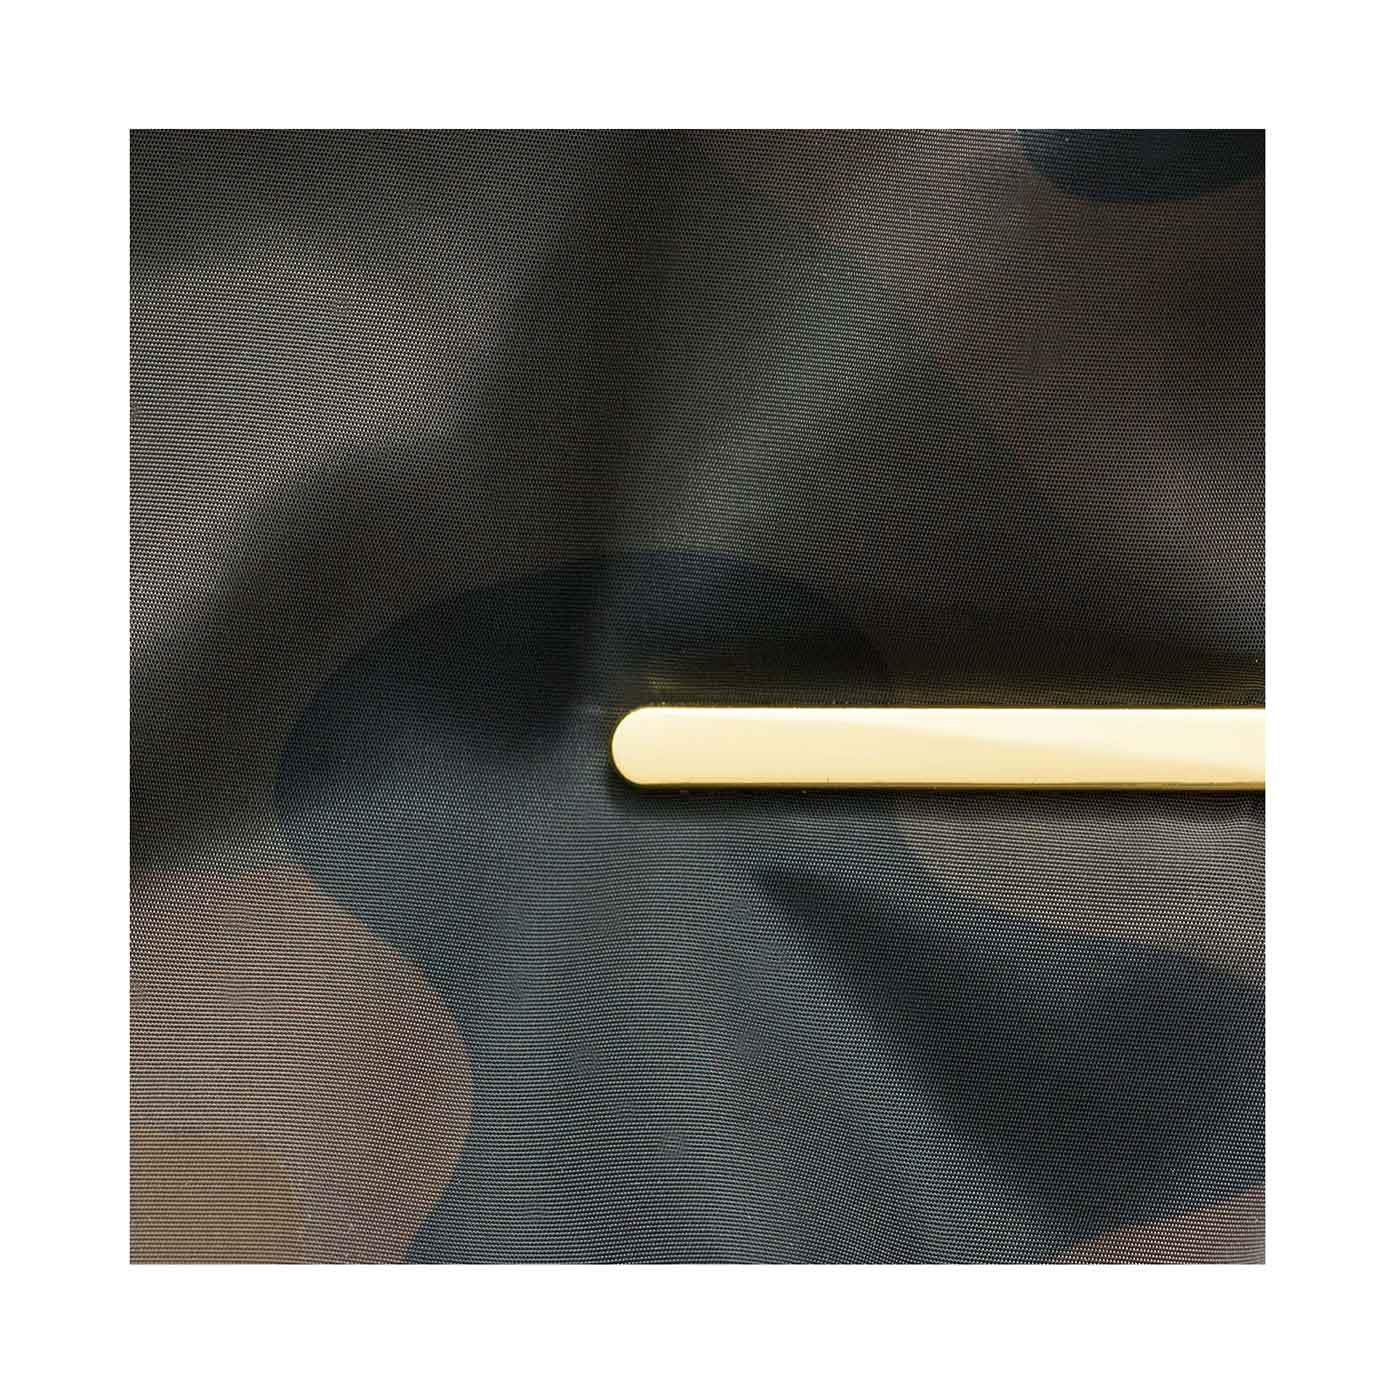 やわらかくて軽いこだわりの素材。ゴールドカラーのプレートで大人の気品をプラス。